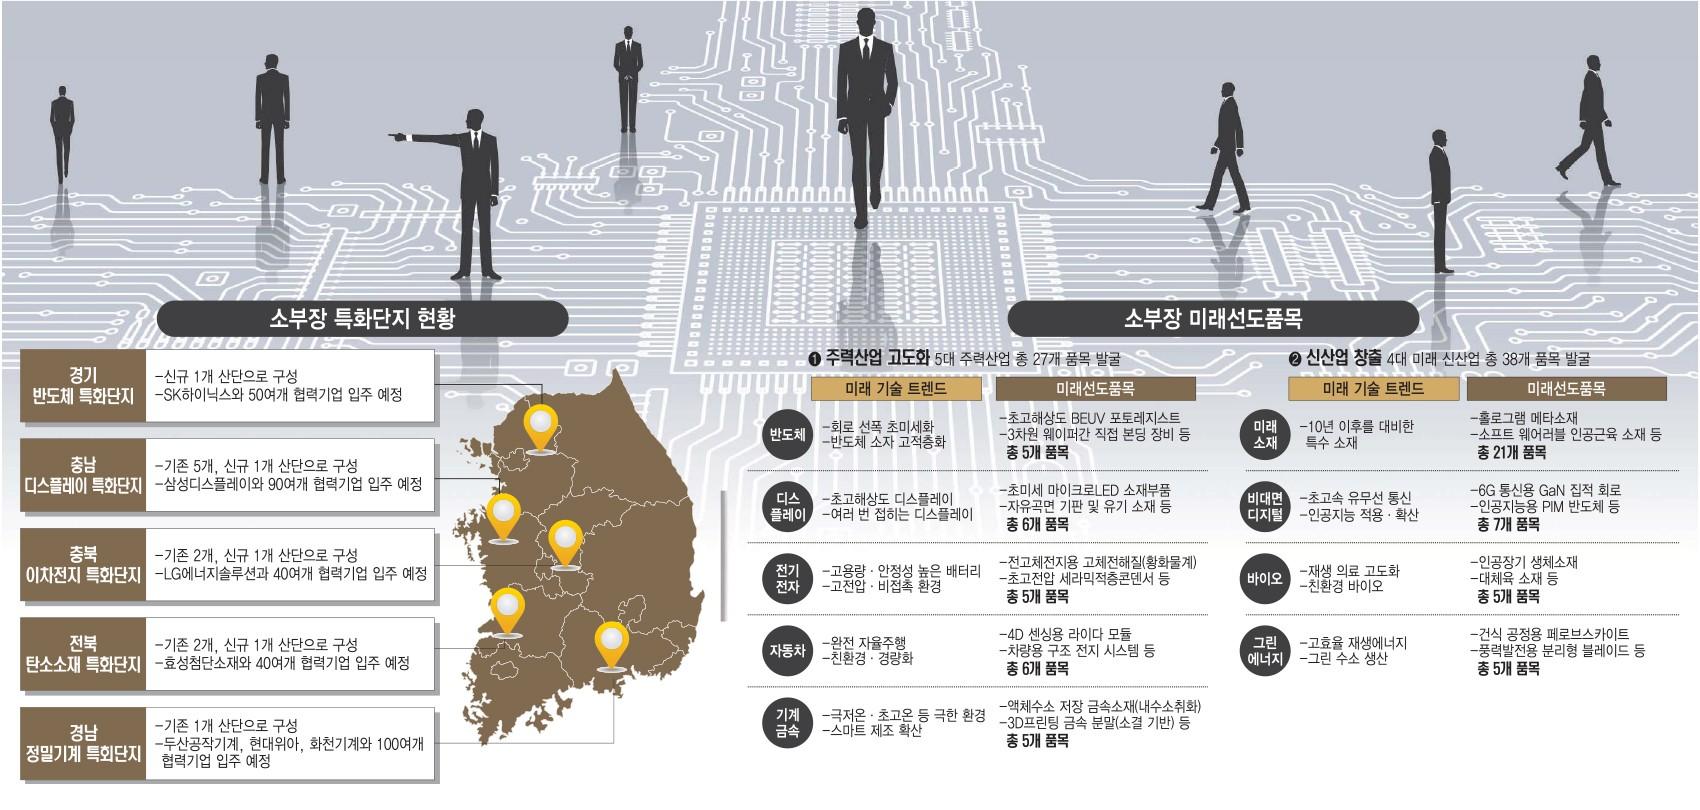 """[이슈분석]정부, '소부장 강국' 향한 생태계 구축…""""미래 공급망 선도"""""""